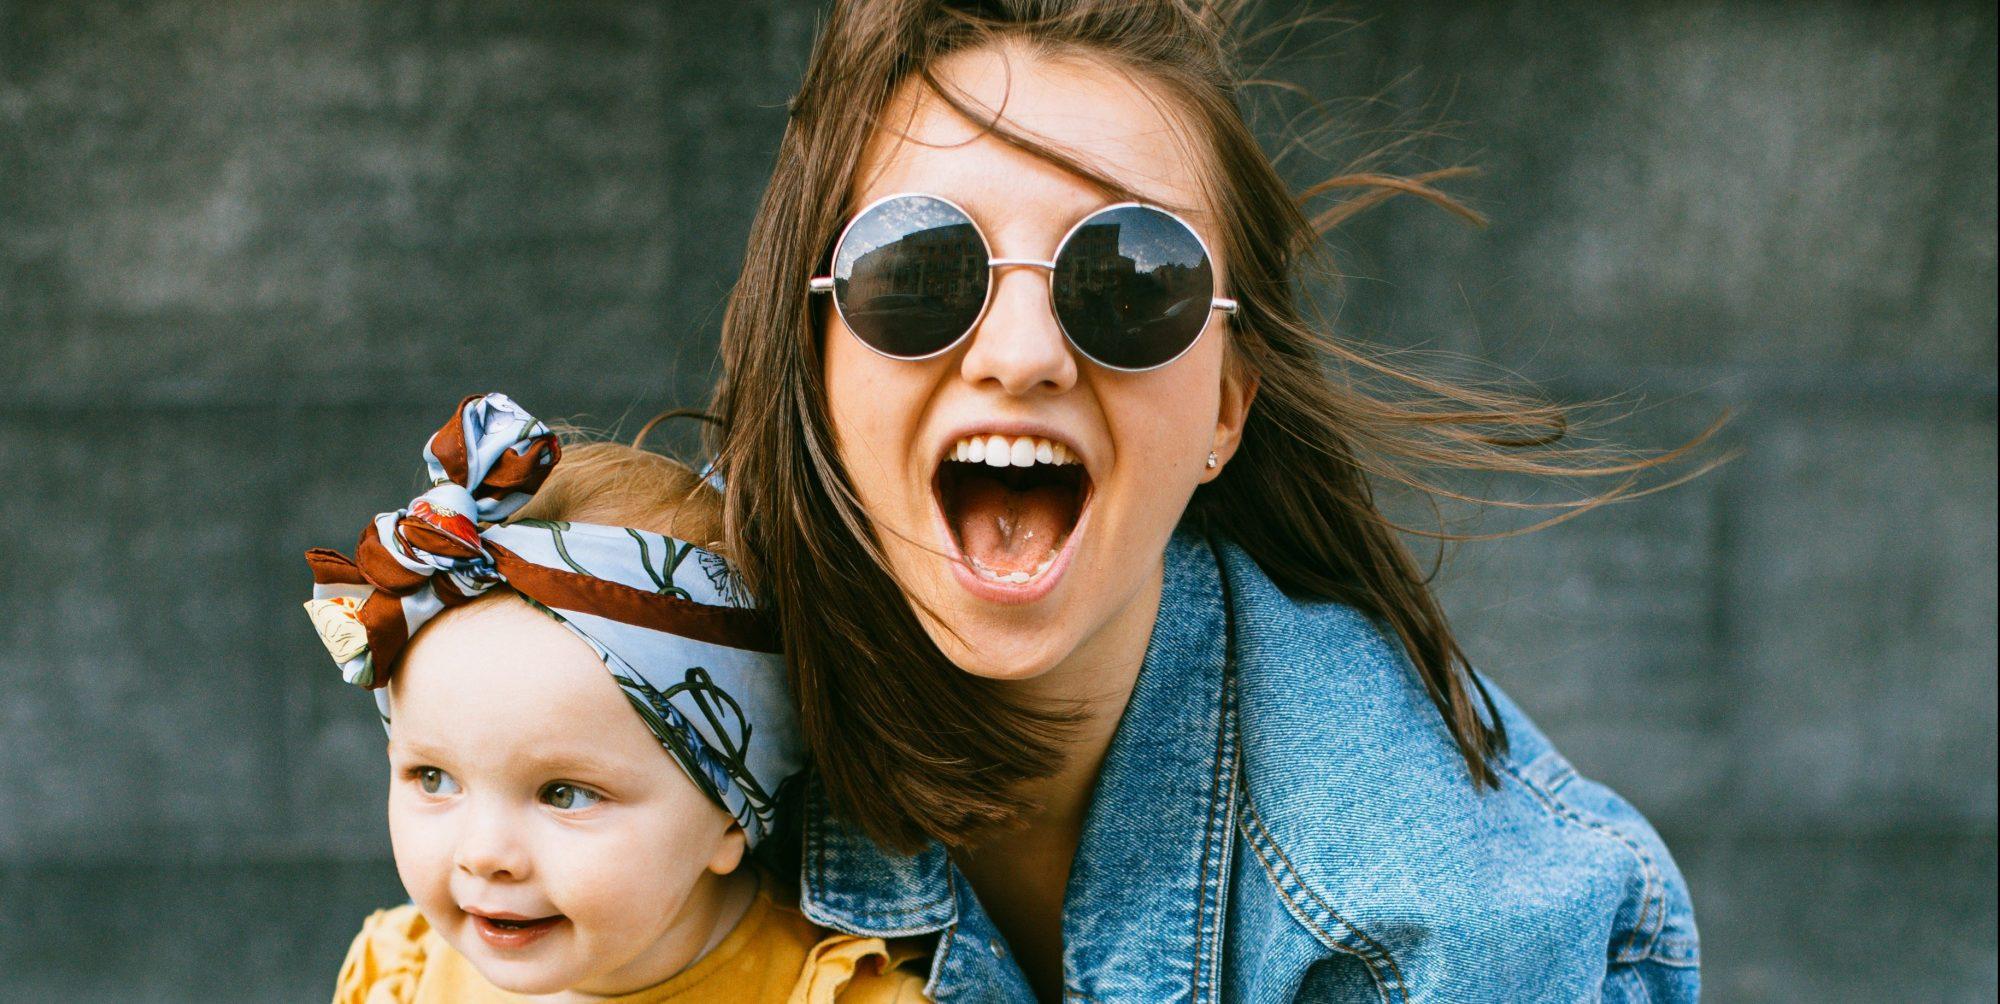 Μητέρα και νεογέννητο: Τρόποι να διαχειριστείς την έλλειψη ύπνου (γίνεται!!) Το κεφάλαιο «ύπνος» είναι ένα μεγάλο κεφάλαιο στη μητρότητα.